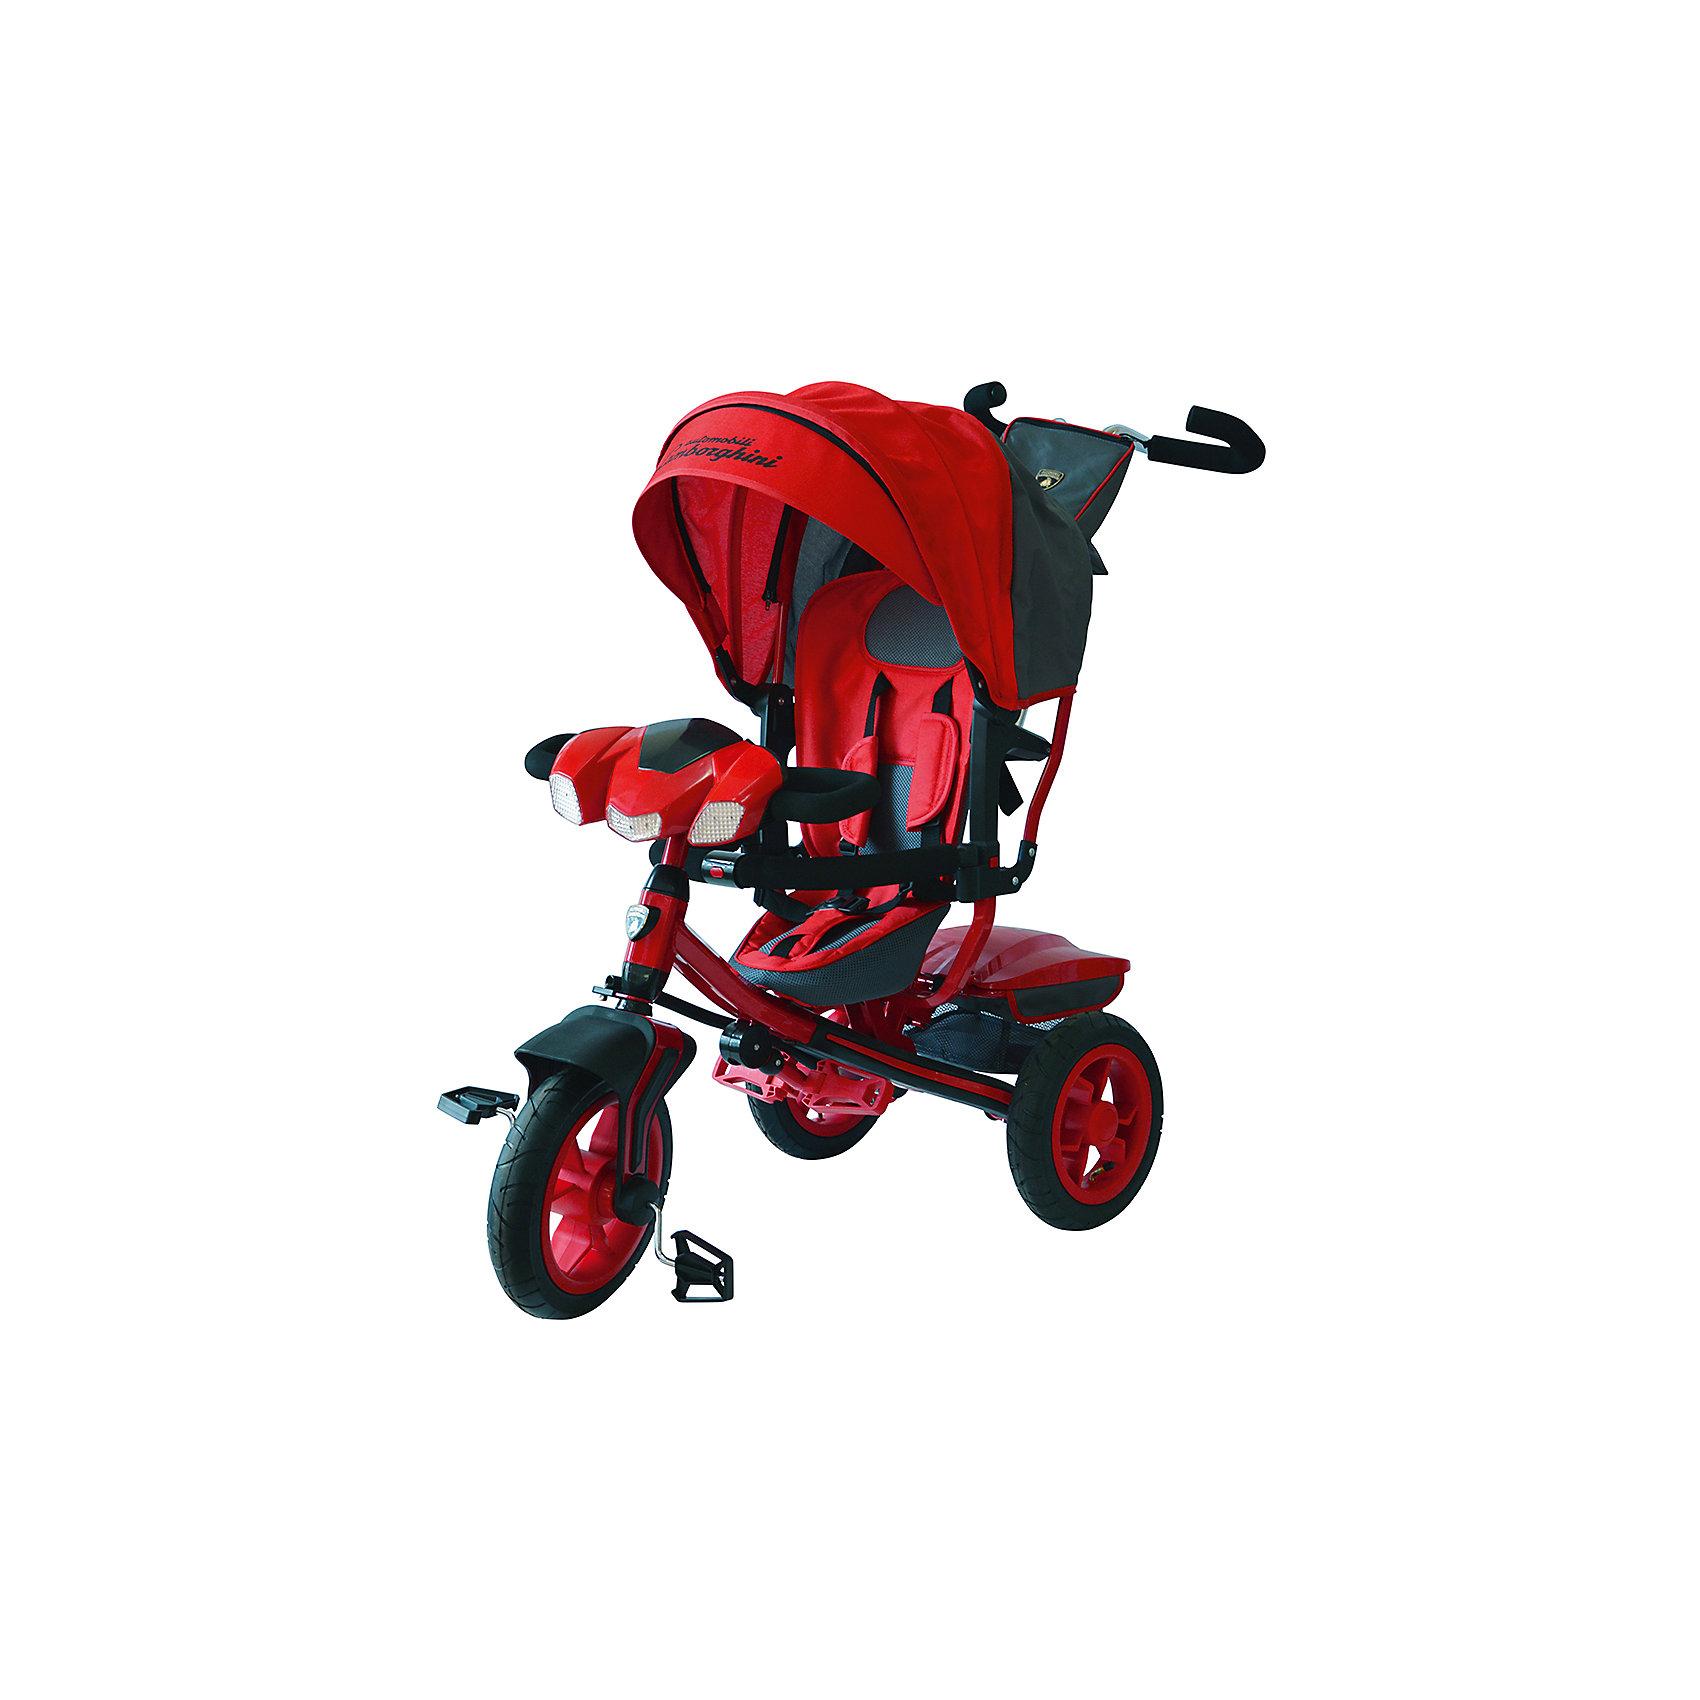 Трехколесный велосипед L3R, LamborghiniВелосипеды детские<br>Характеристики товара:<br><br>• цвет: красный<br>• рама: пятиугольная<br>• возраст: от 12 мес<br>• тормоза: стояночные, на задних колёсах<br>• багажник: пластиковый, с крышкой<br>• материал рамы:сталь<br>• каплевидный руль с мягкими поролоновыми вставками<br>• переднее колесо с функцией свободного хода<br>• родительская ручка<br>• размеры: 66,5x42x38 см.<br>• колёса: 12/2x10, надувные<br>• все: 15 кг.<br>• максимальная нагрузка: 30 кг.<br><br>Прочная пятиугольная металлическая рама с пластиковыми накладками, широким передним брызговиком и дополнительными складными подножками для самых маленьких.<br><br>Передняя вилка изогнута в обратную сторону, усовершенствование конструкции упрощает сборку велосипеда.<br><br>Сидение с мягкой спинкой для максимального комфорта малыша и ремнём безопасности с пятью точками соприкосновения может быть установлено в три наклонных положения.<br><br>Крыша с отстёгивающимся солнцезащитным козырьком не имеет защёлок, фиксируется в любом положении и имеет окошко для наблюдения за ребёнком.<br><br>Родительская ручка ручка с современным антискользящим покрытием, закруглёнными держателями, возможностью регулировки по высоте и сумкой с лицензионным логотипом.<br><br>Фронтальная фара повторяет формы автомобиля Lamborghini, легко включается кнопкой. Боковые фары-поворотники мигают при совершении манёвров. В таком велосипедом малыш будет наслаждаться прогулкой.<br><br>Трехколесный велосипед L3R, Lamborghini можно купить в нашем интернет-магазине.<br><br>Ширина мм: 665<br>Глубина мм: 380<br>Высота мм: 420<br>Вес г: 16500<br>Возраст от месяцев: 12<br>Возраст до месяцев: 36<br>Пол: Унисекс<br>Возраст: Детский<br>SKU: 5587517